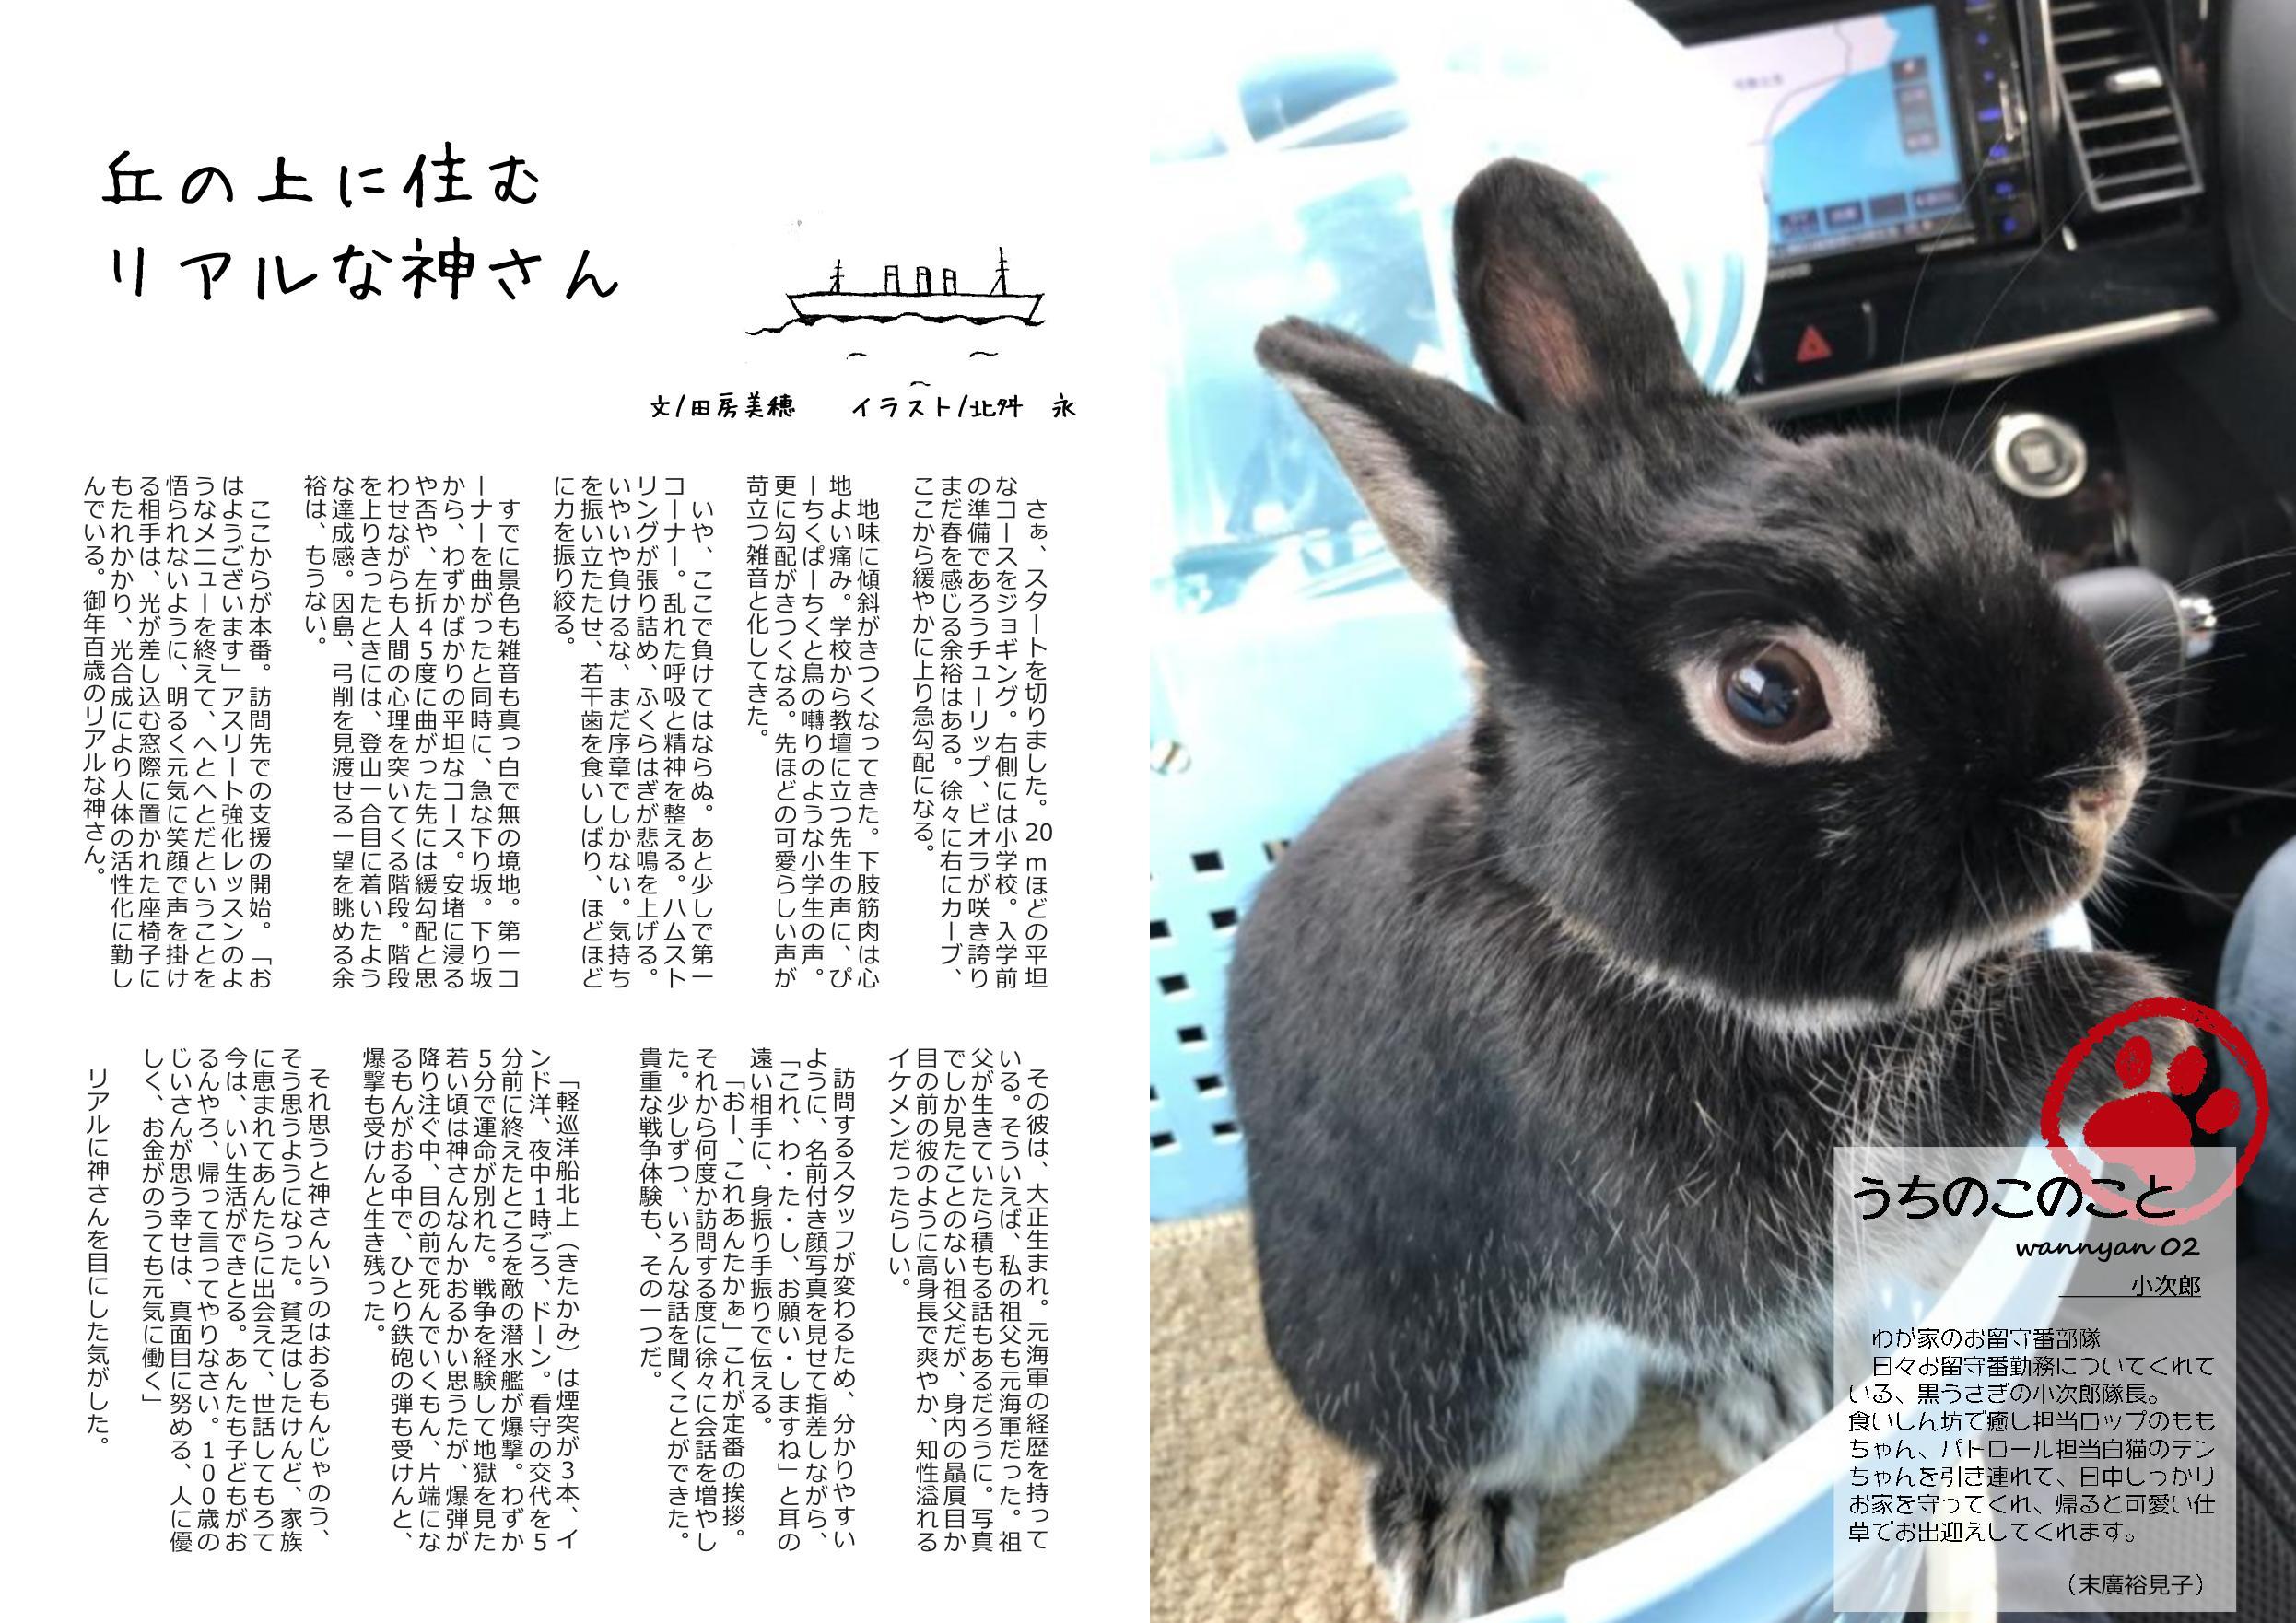 http://fukufukunokai.com/newsletter/images/4%E6%9C%88%E5%8F%B7_cropped_320214.jpeg